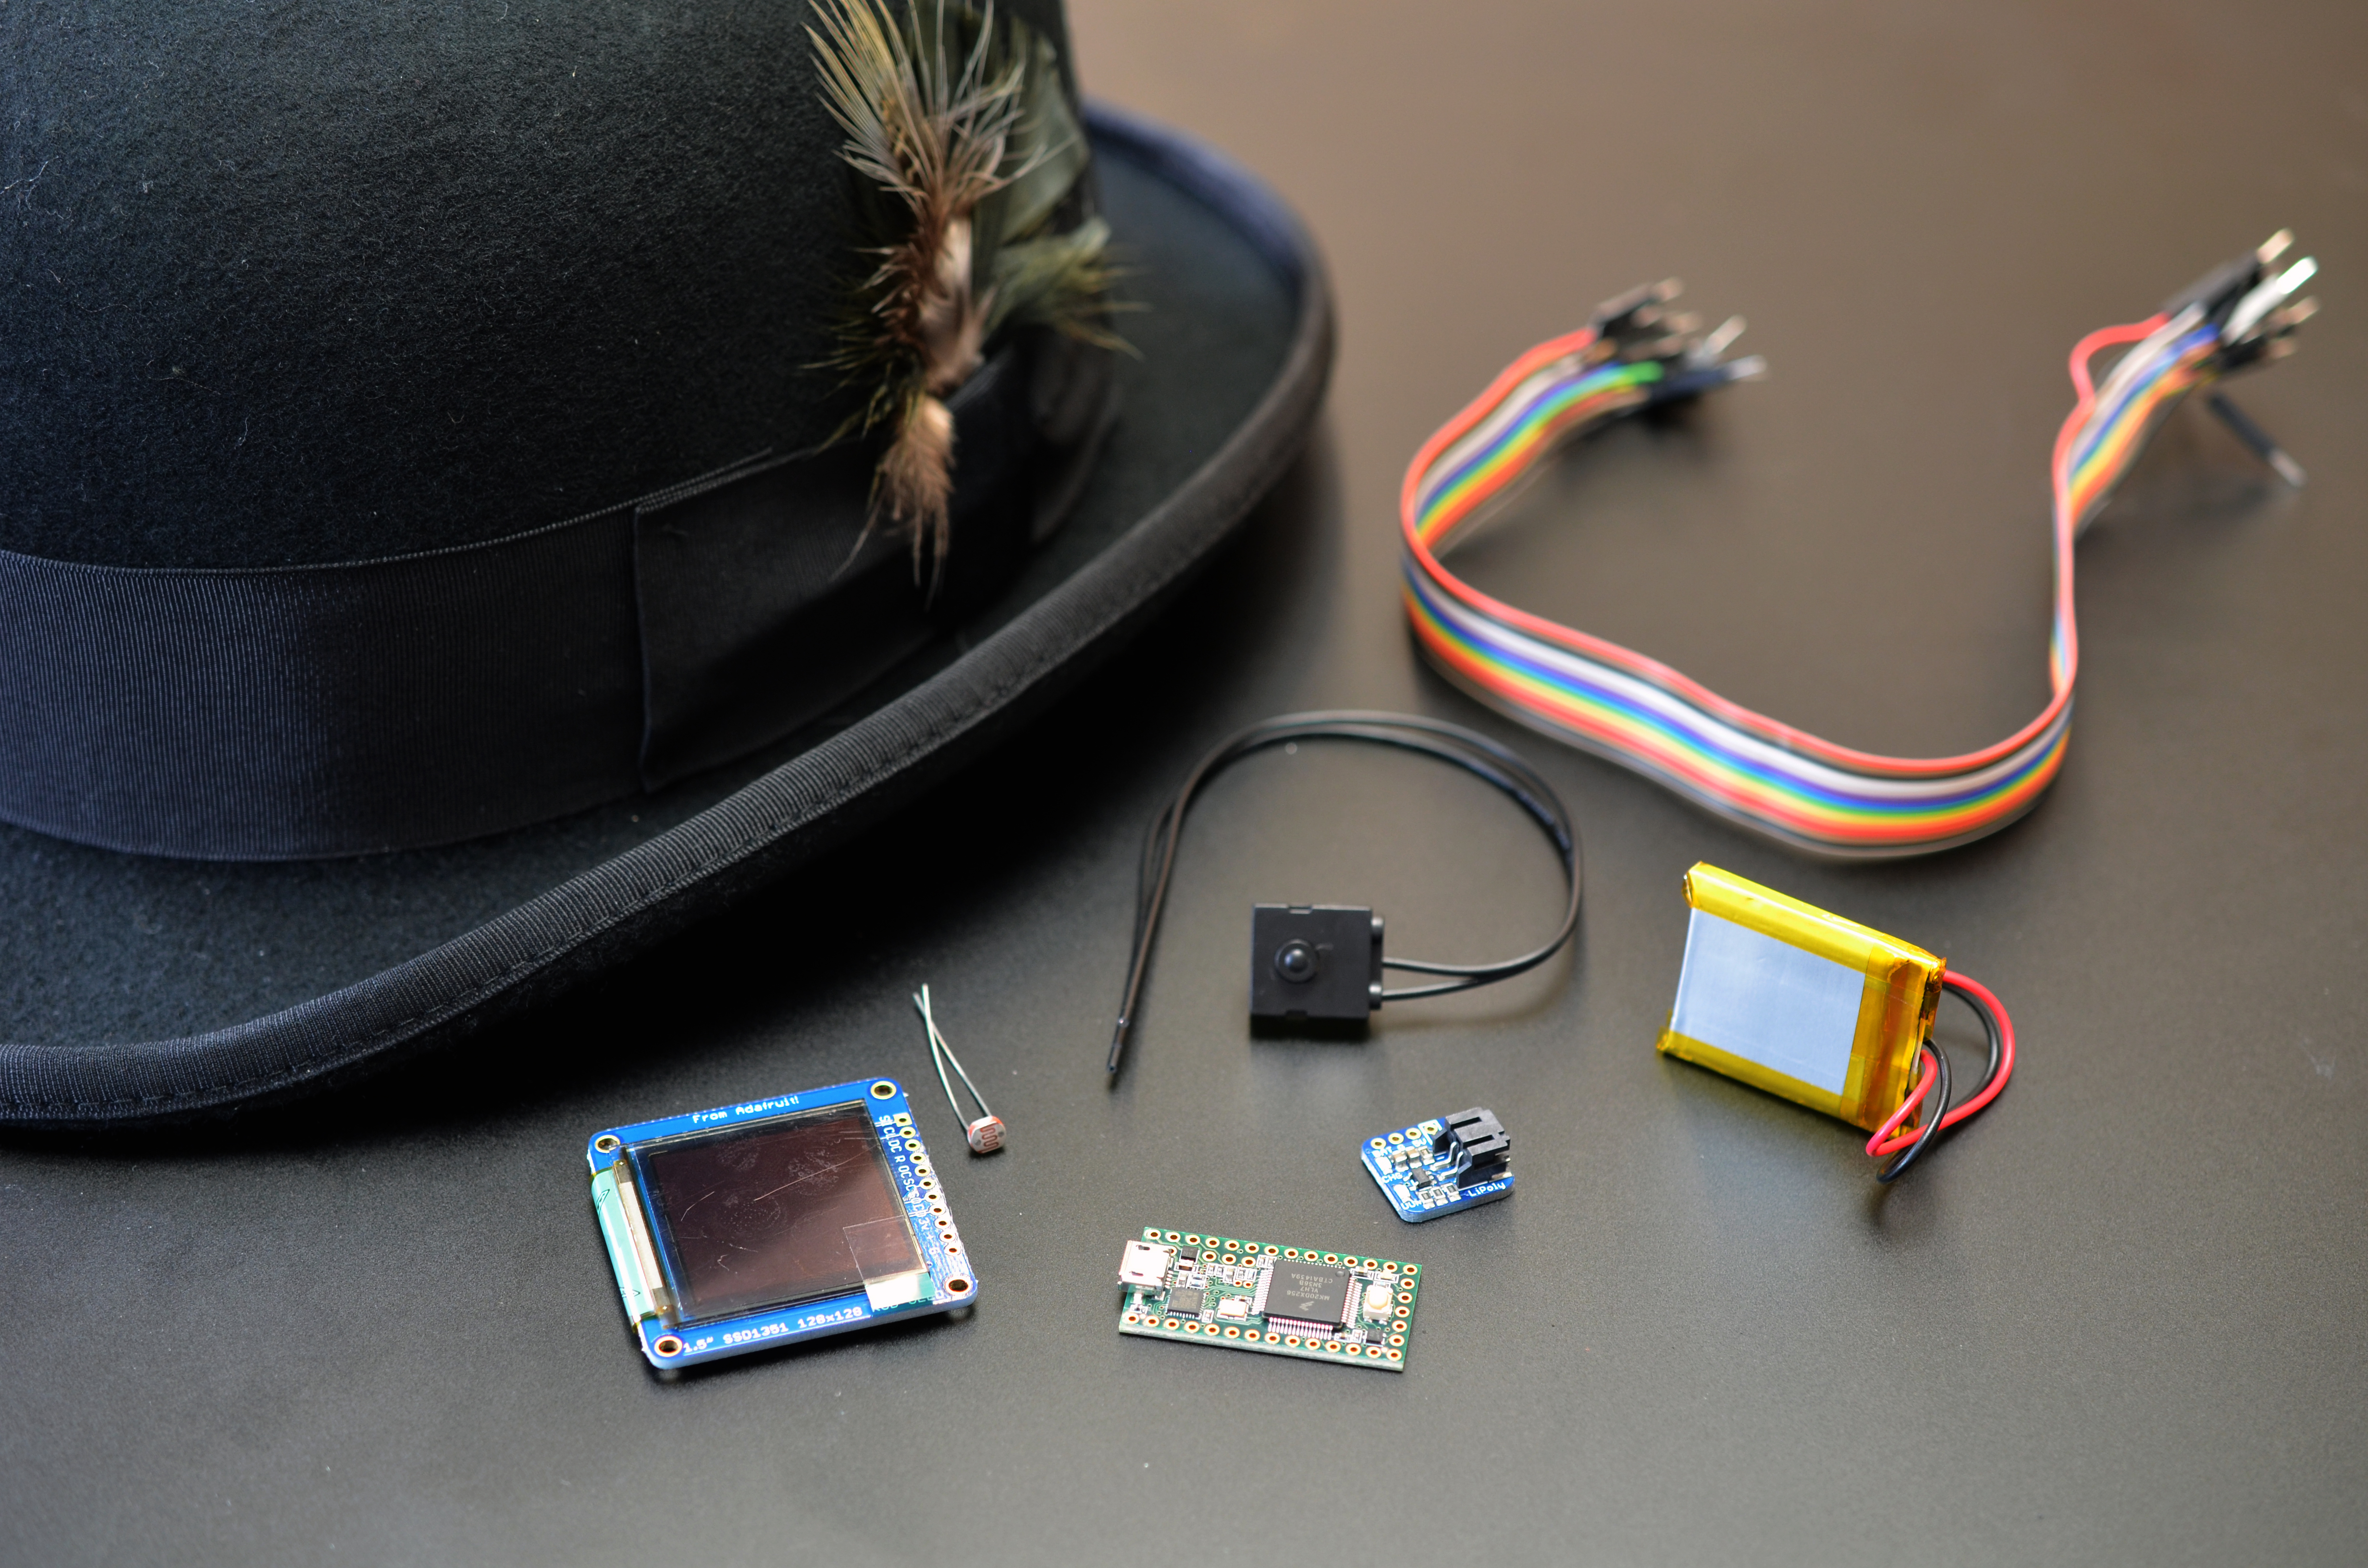 light_eyeball-bowler-hat-03.jpg